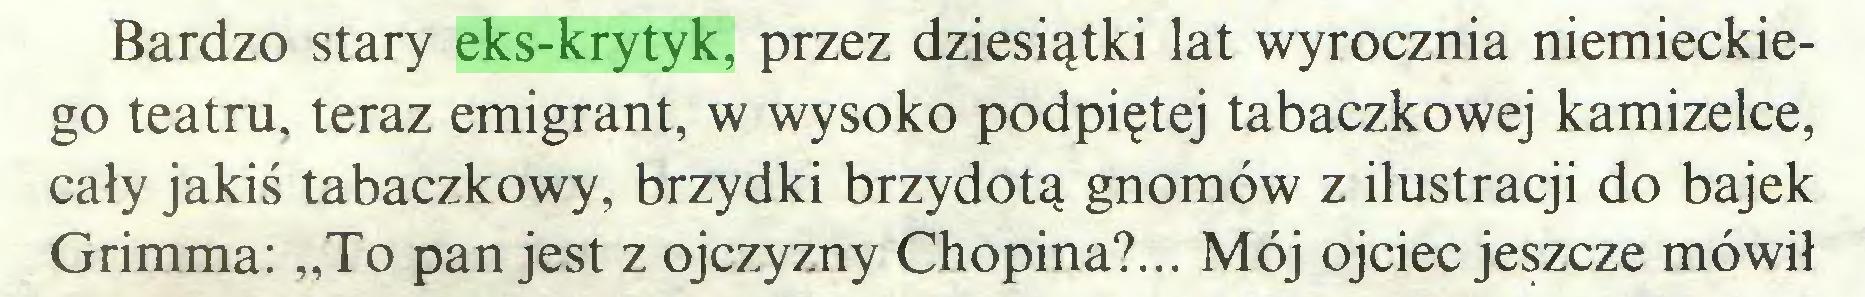 """(...) Bardzo stary eks-krytyk, przez dziesiątki lat wyrocznia niemieckiego teatru, teraz emigrant, w wysoko podpiętej tabaczkowej kamizelce, cały jakiś tabaczkowy, brzydki brzydotą gnomów z ilustracji do bajek Grimma: """"To pan jest z ojczyzny Chopina?... Mój ojciec jeszcze mówił..."""